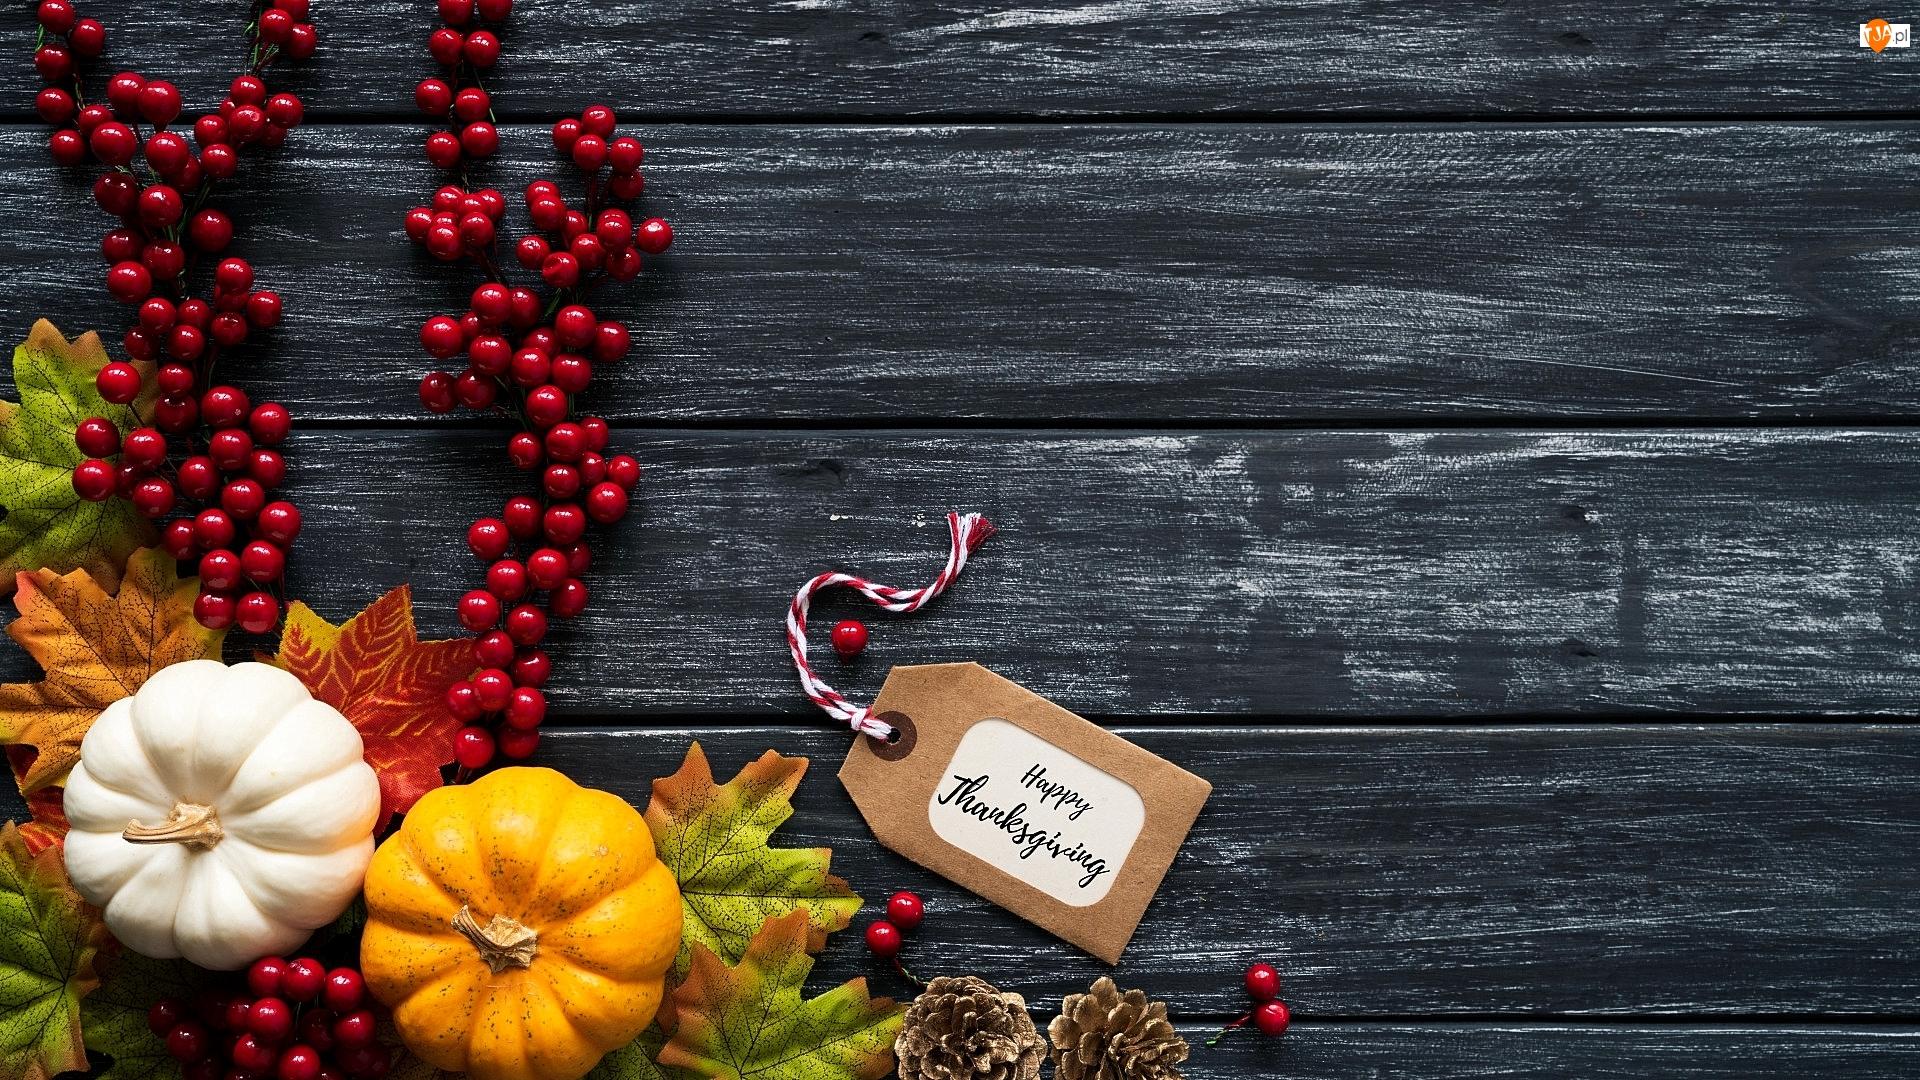 Deski, Jagody, Święto Dziękczynienia, Życzenia, Bilecik, Czerwone, Liście, Dynie, Szyszki